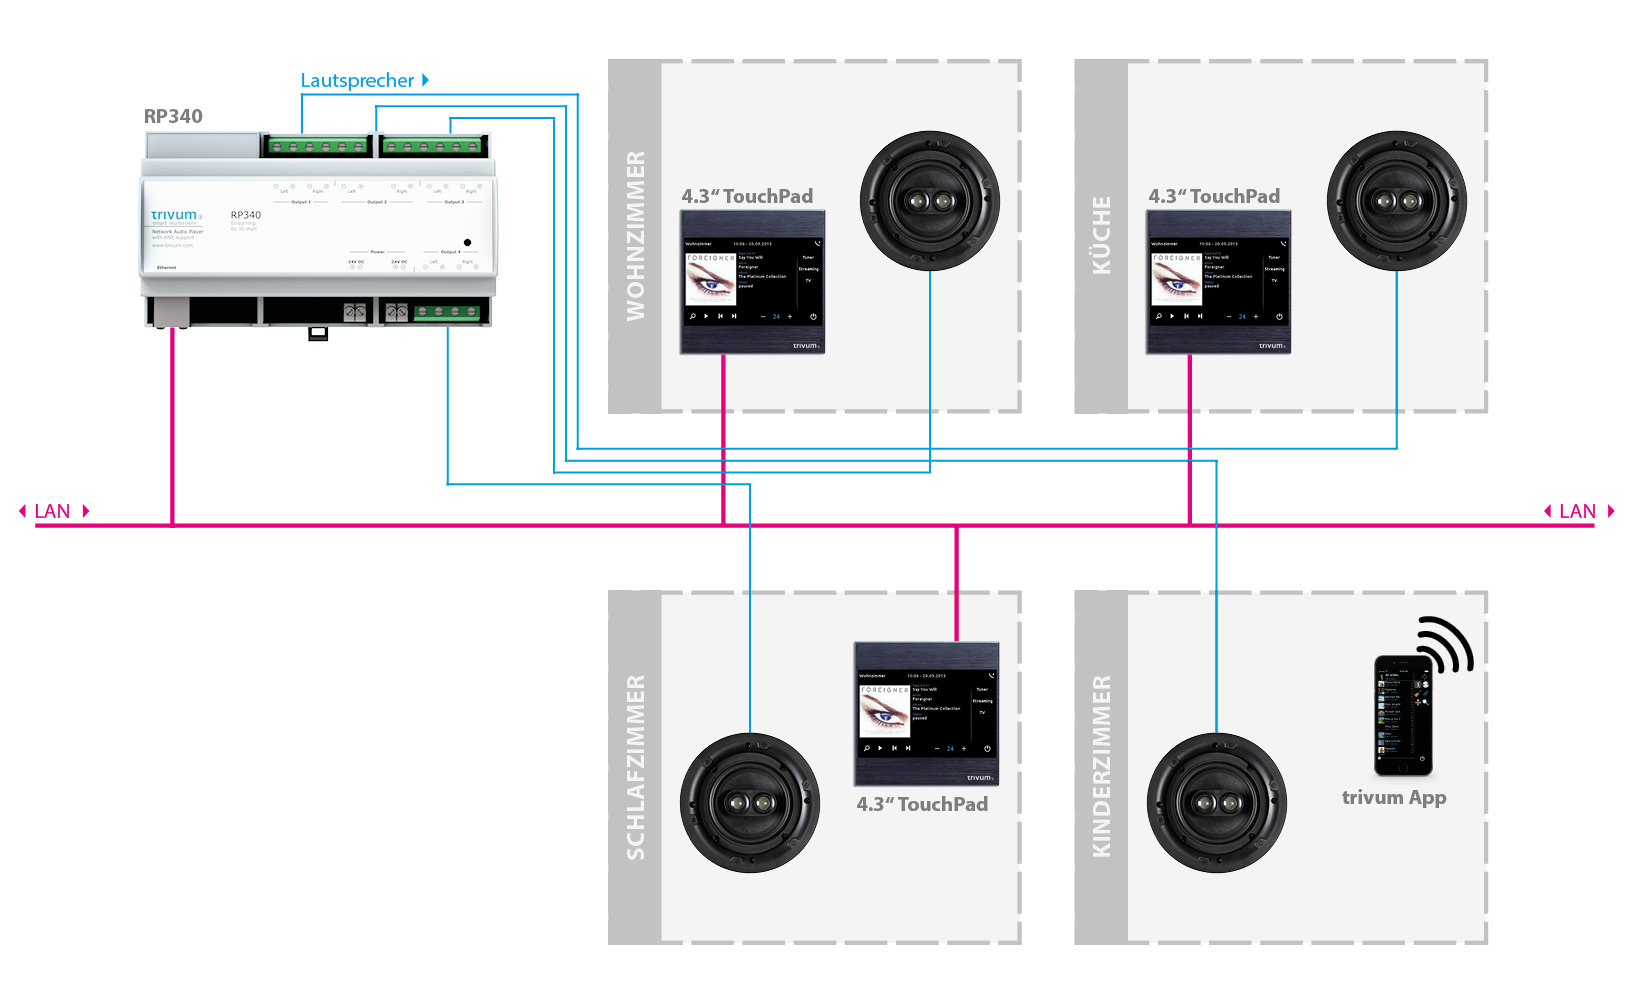 Anschlussbeispiel trivum Multiroom Player RP340